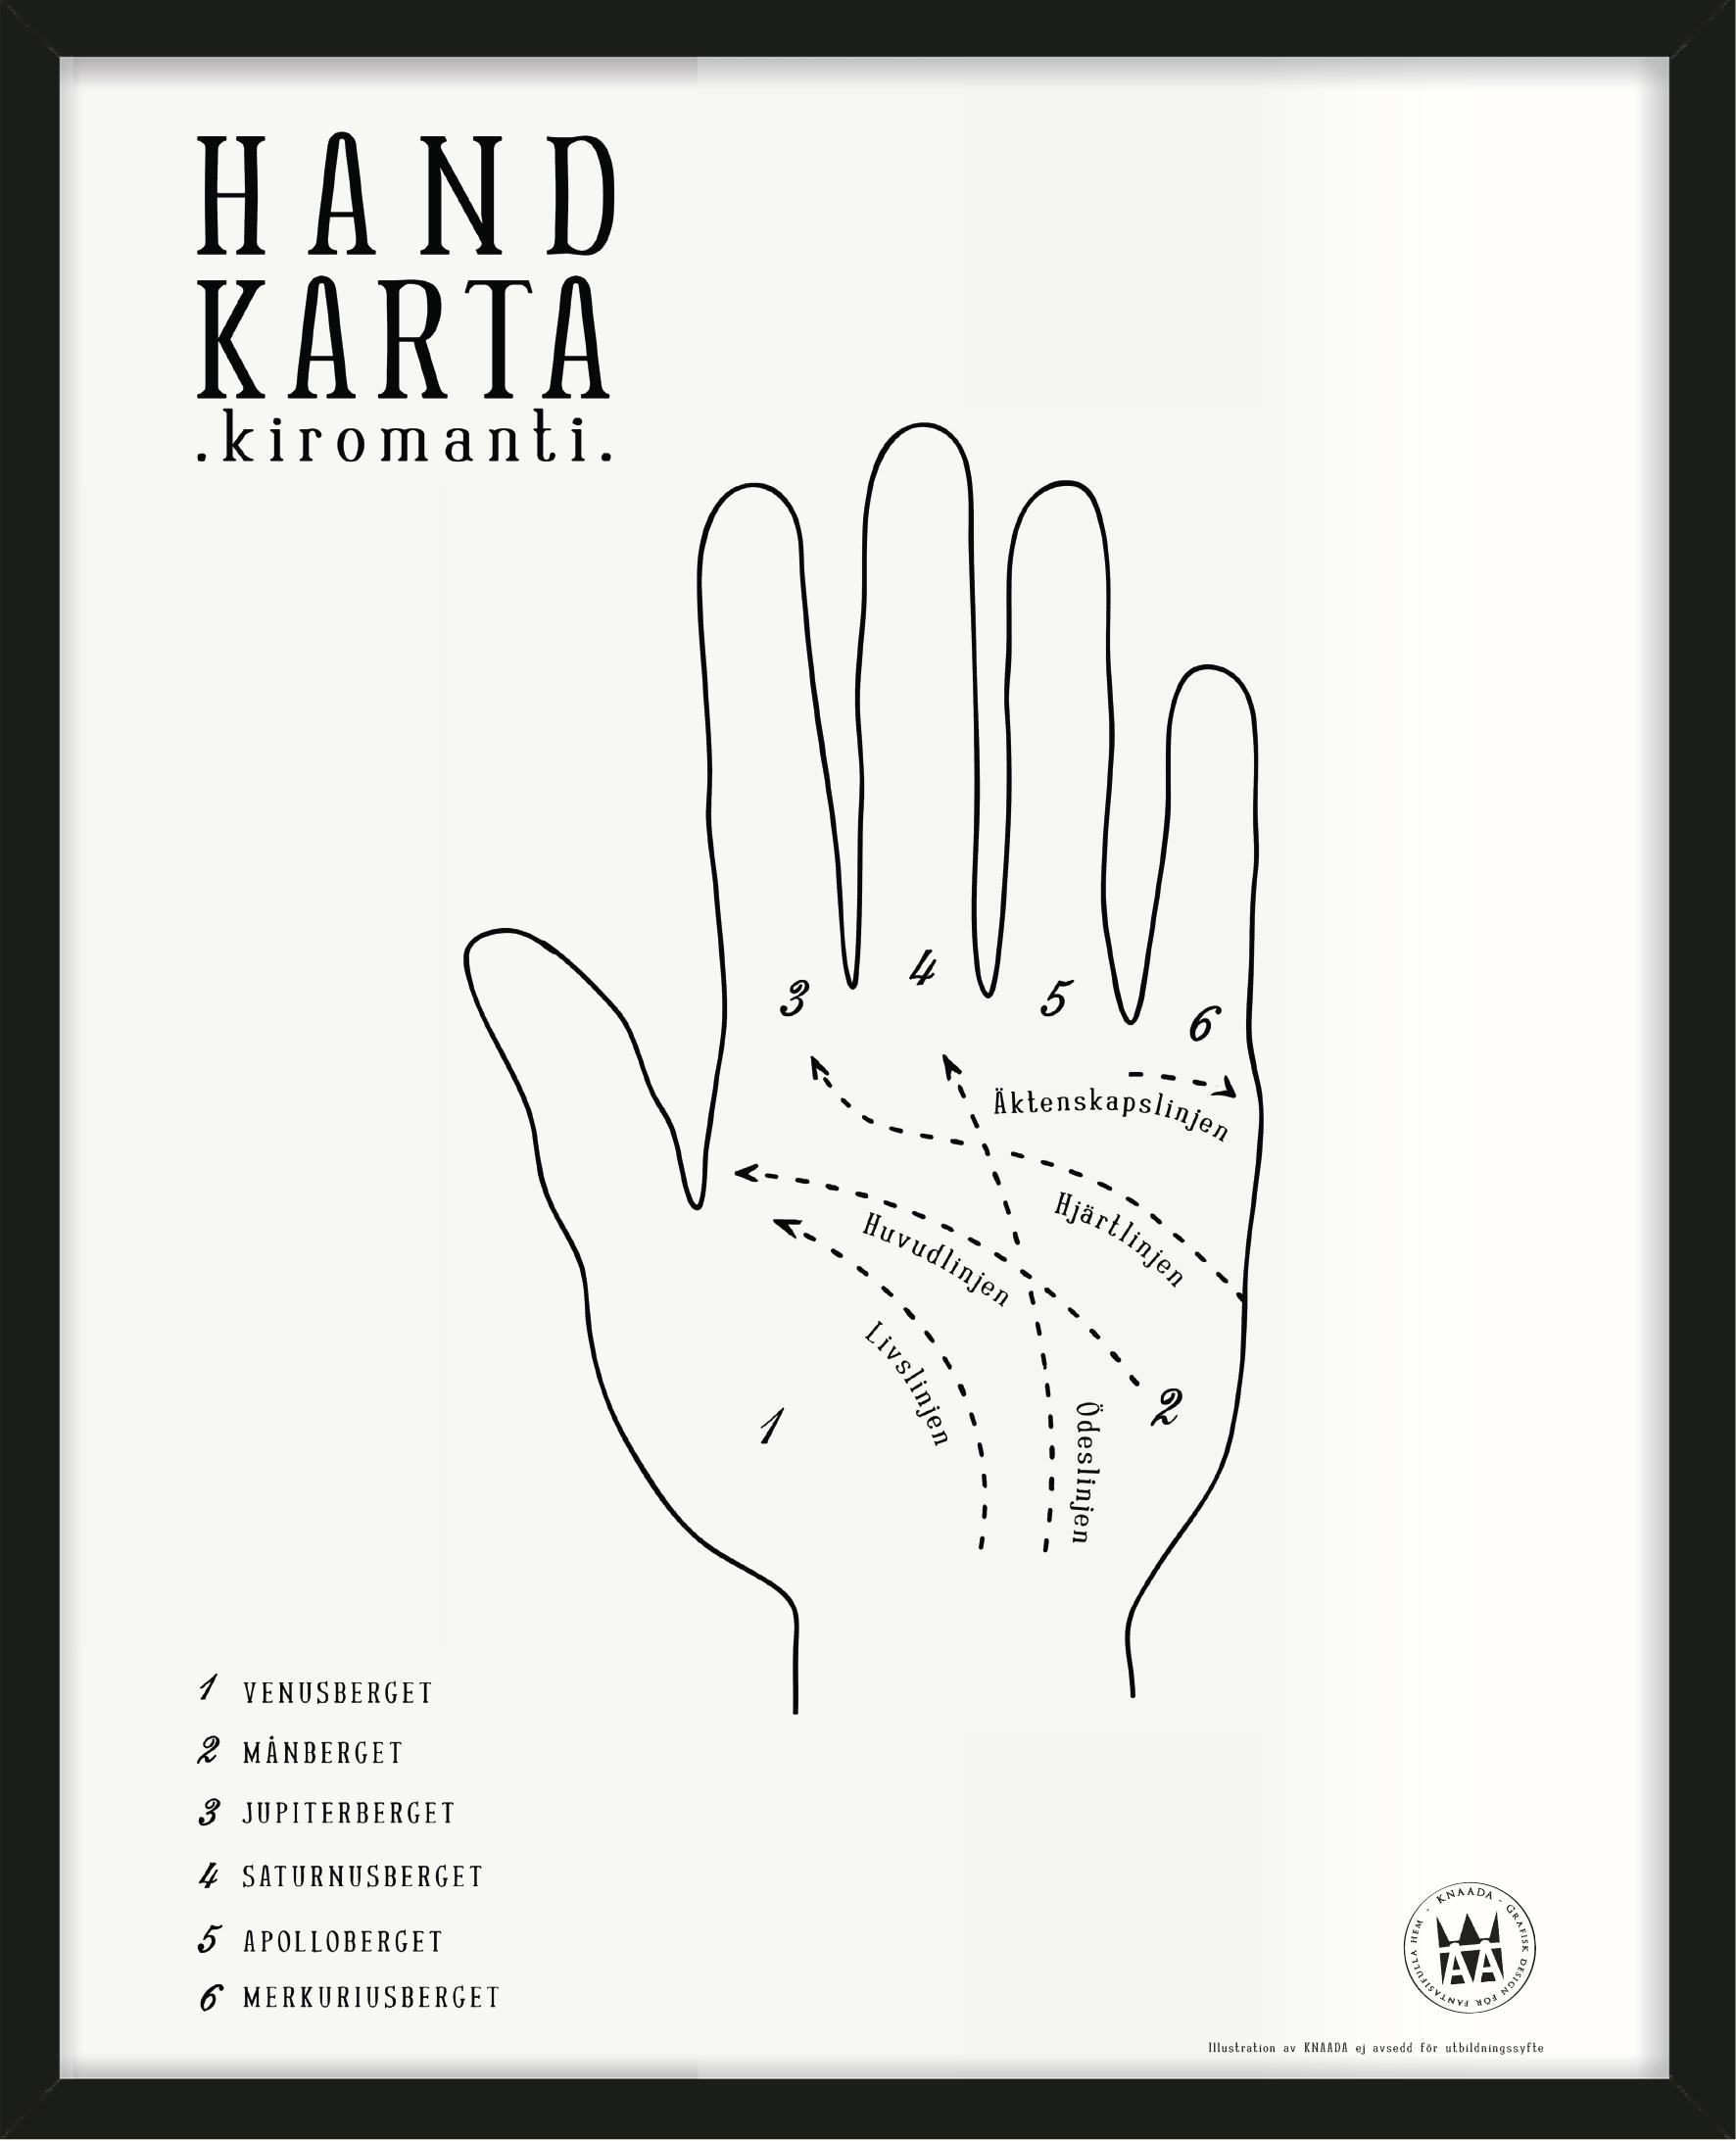 Handkarta poster